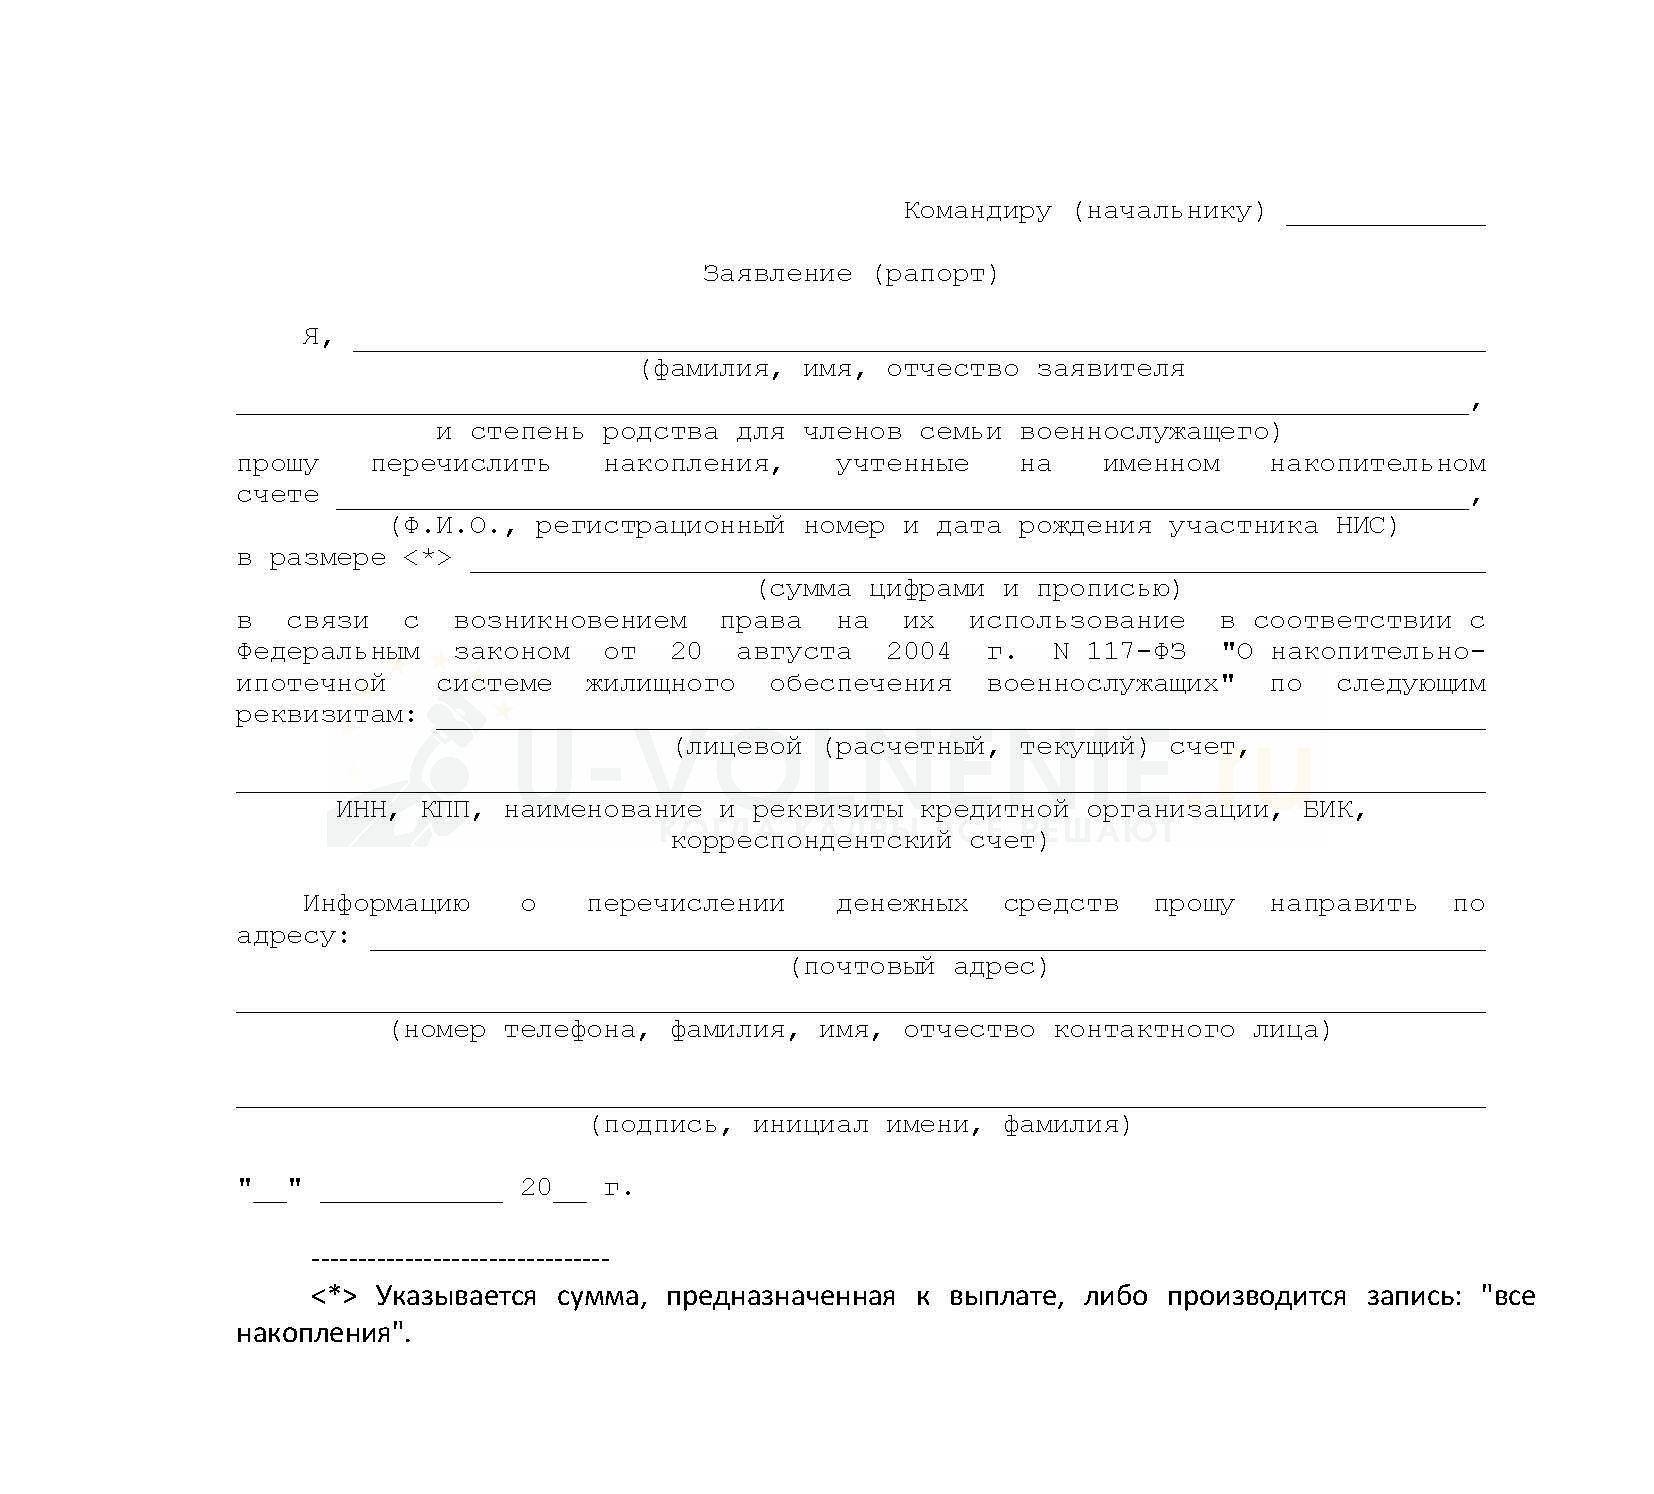 Образец рапорта о возникновении права на использование средств ИНС